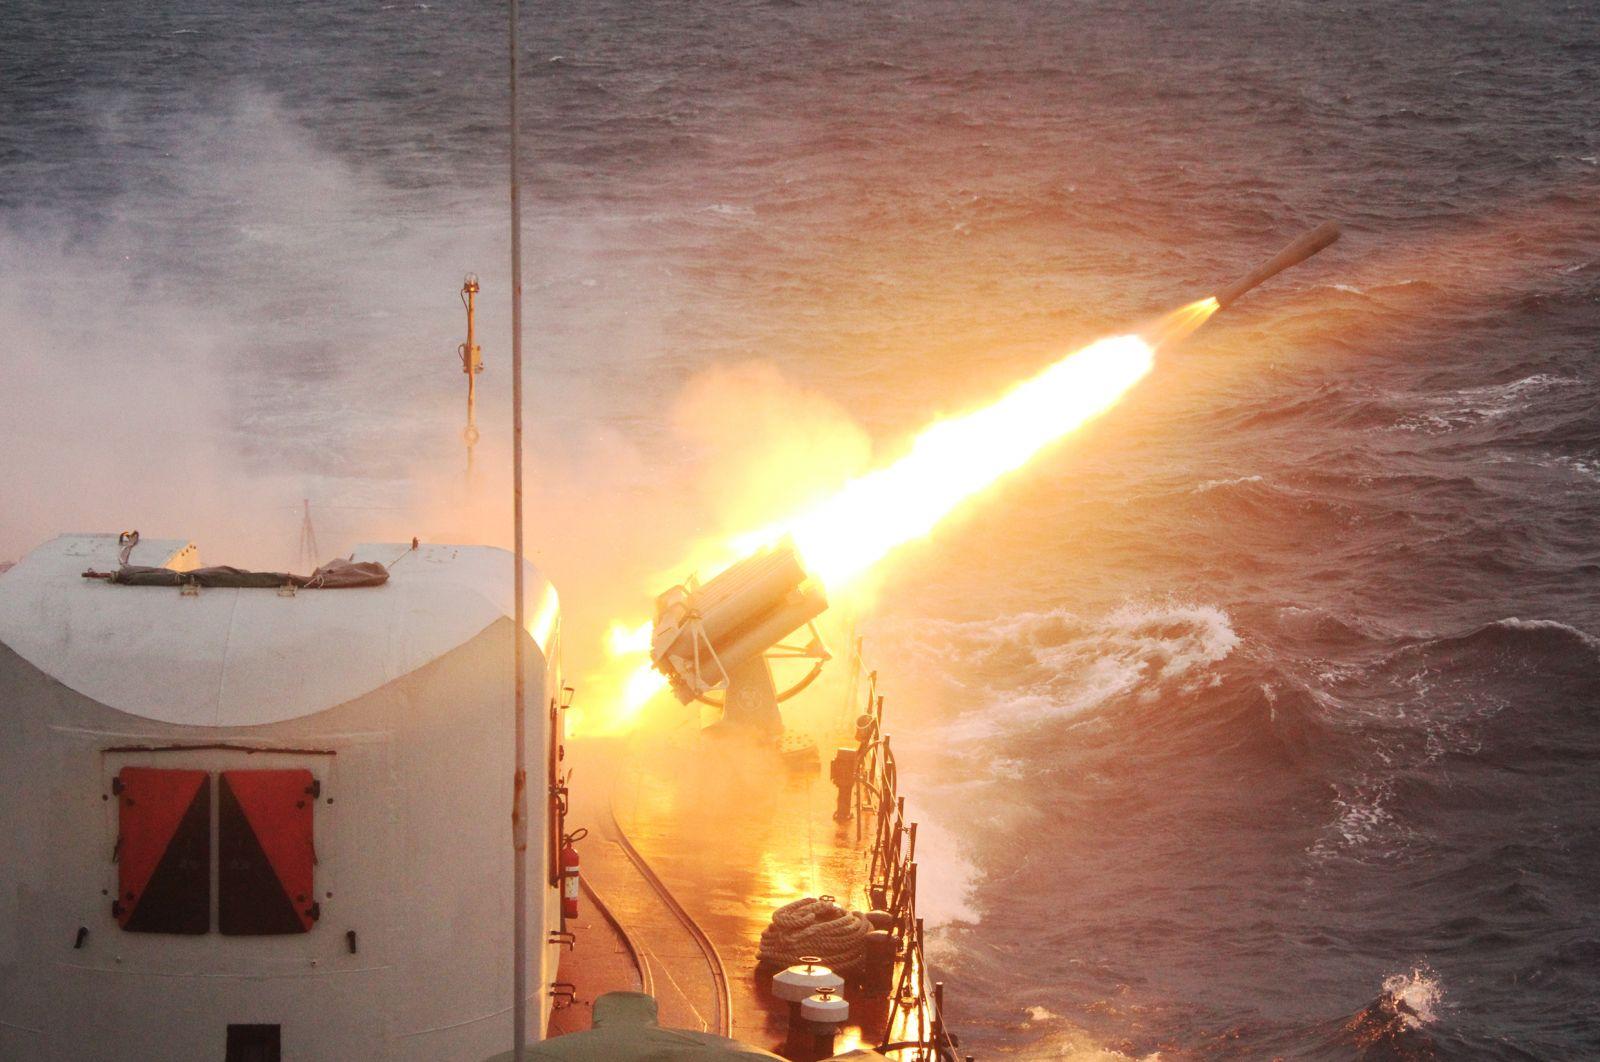 Tàu 11 thực hành bắn pháo tiêu diệt mục tiêu trên biển